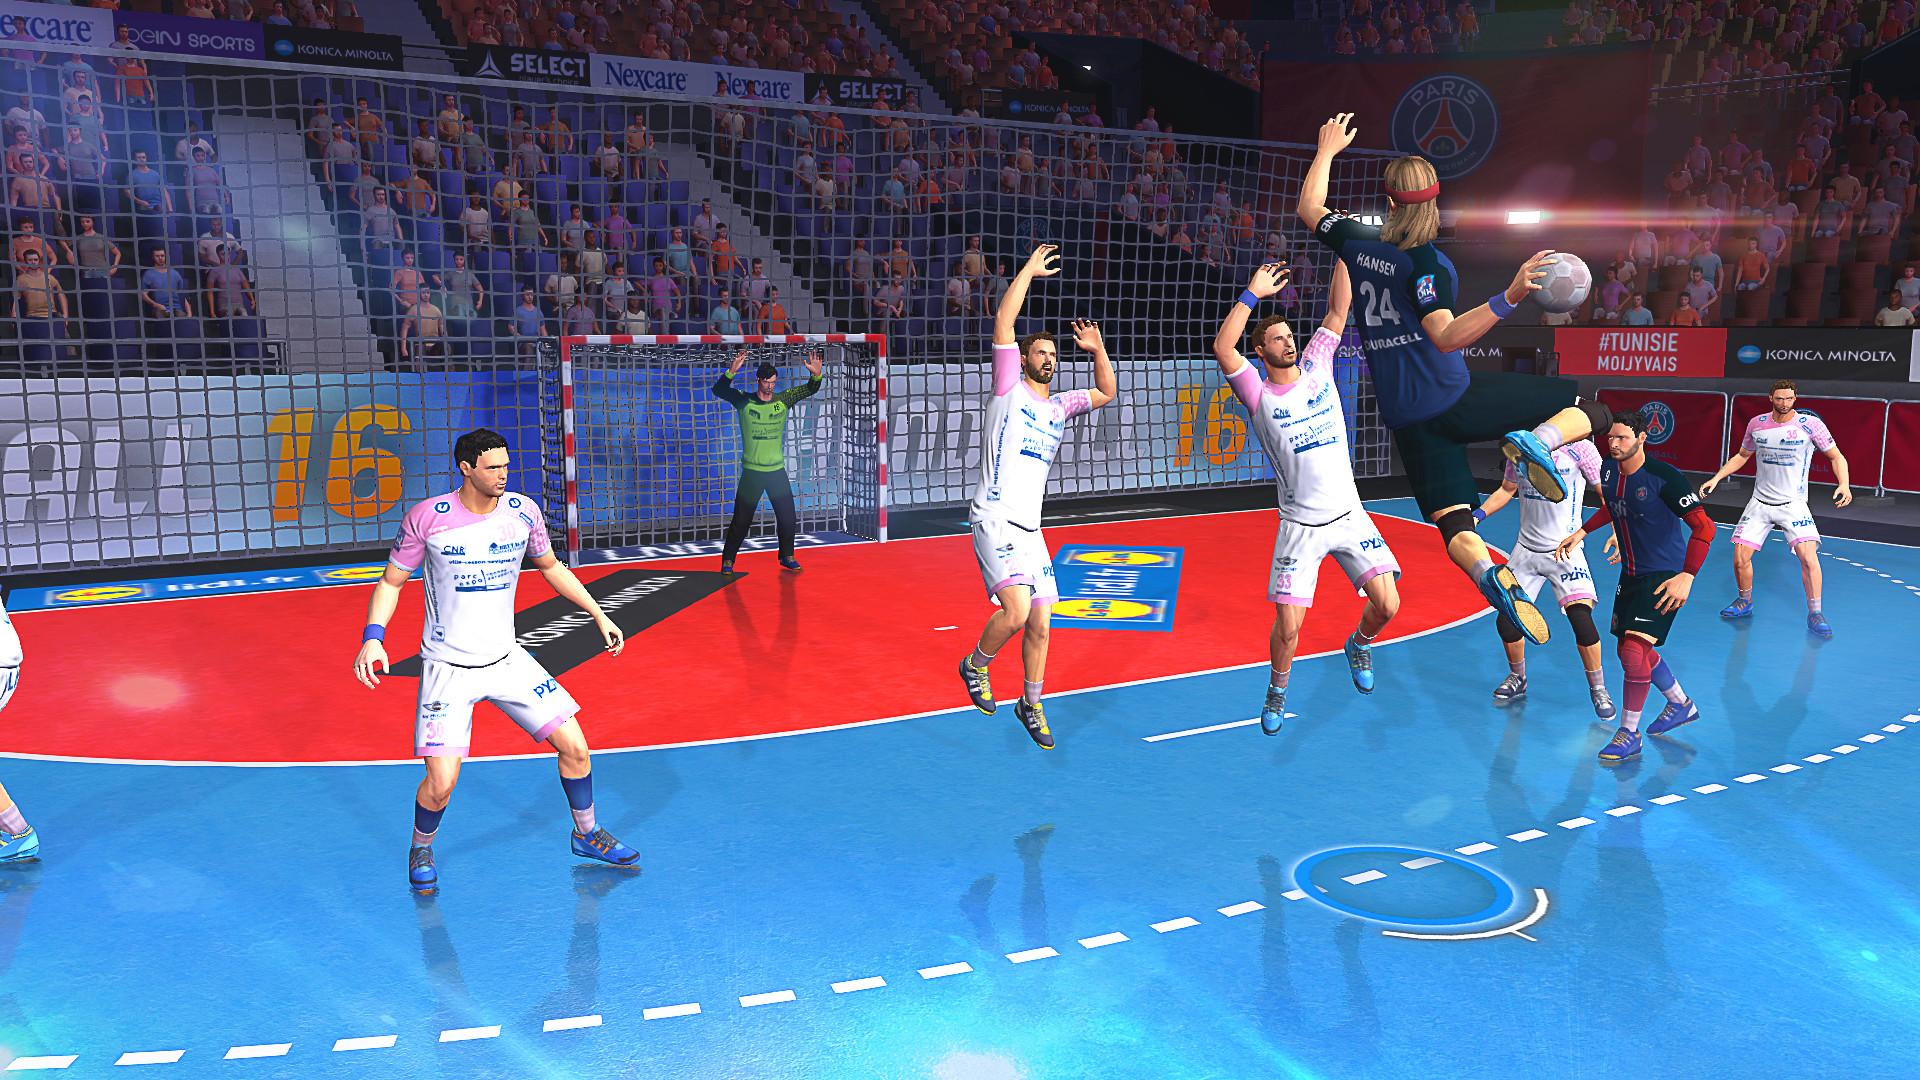 Handball 16 image 1